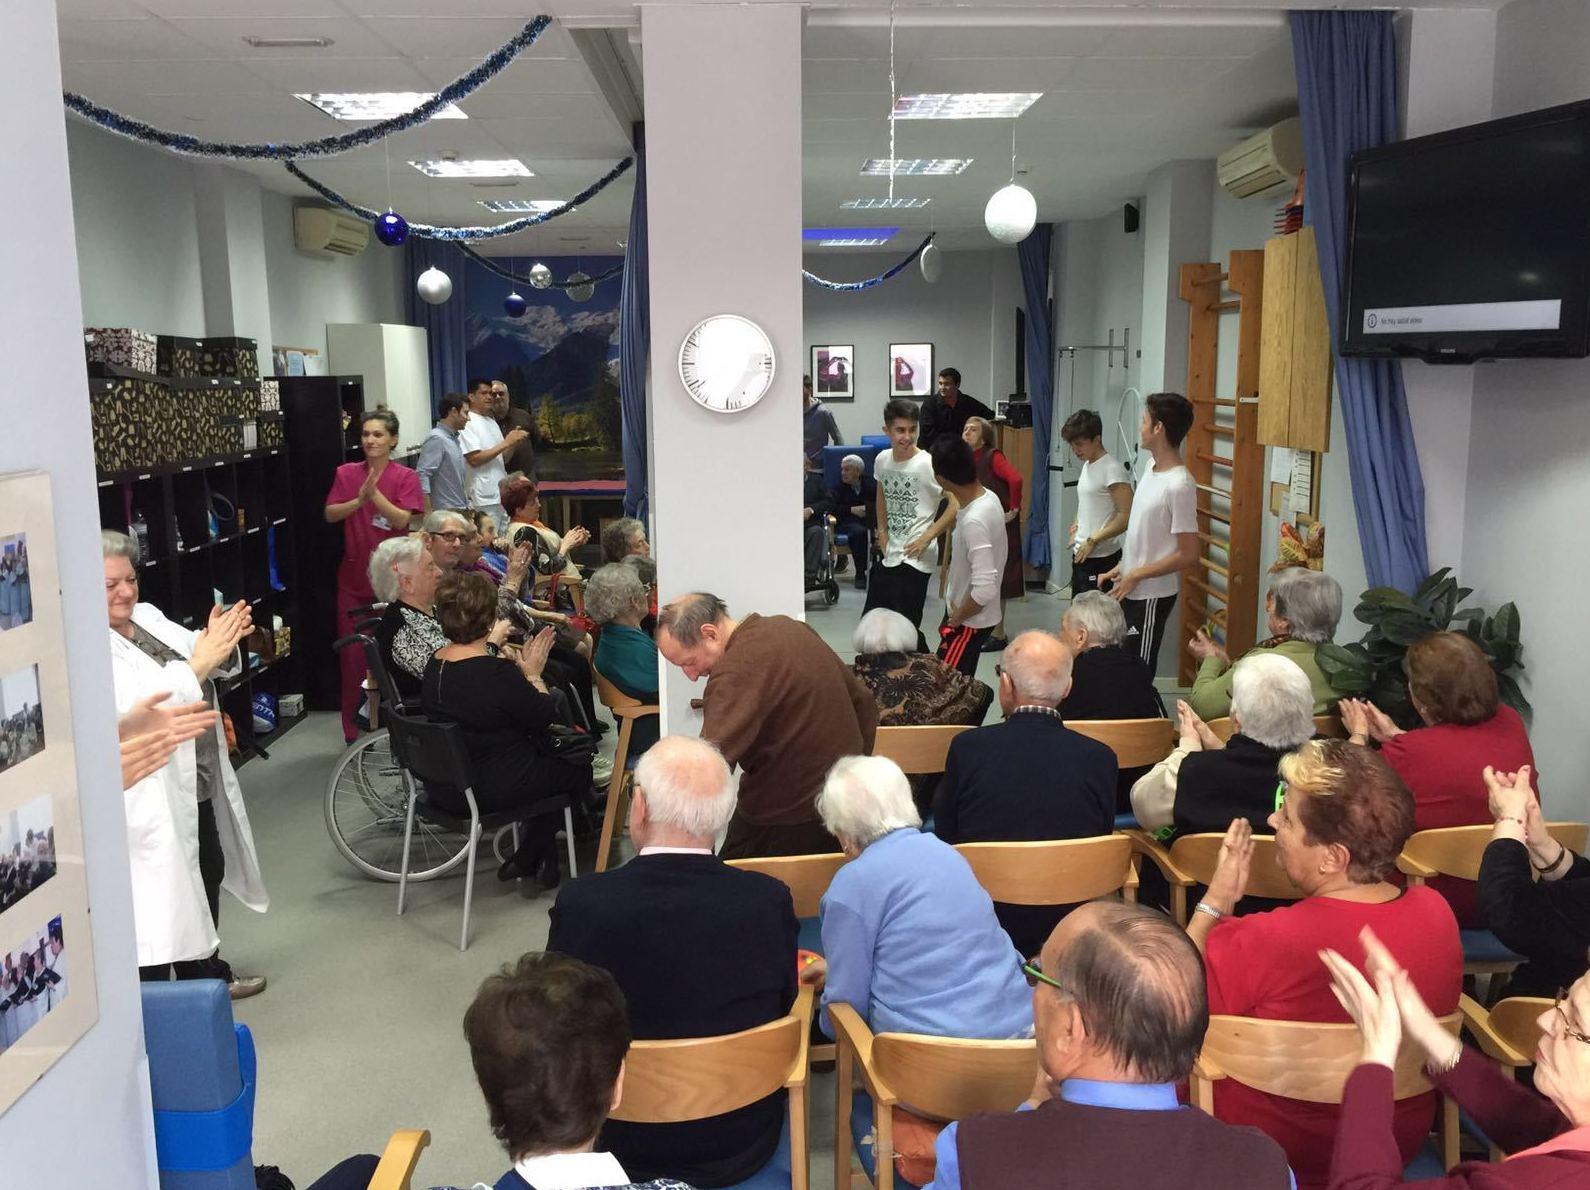 Foto 29 de Centros de día en Madrid | Centro de Día para Mayores Doctor Espina